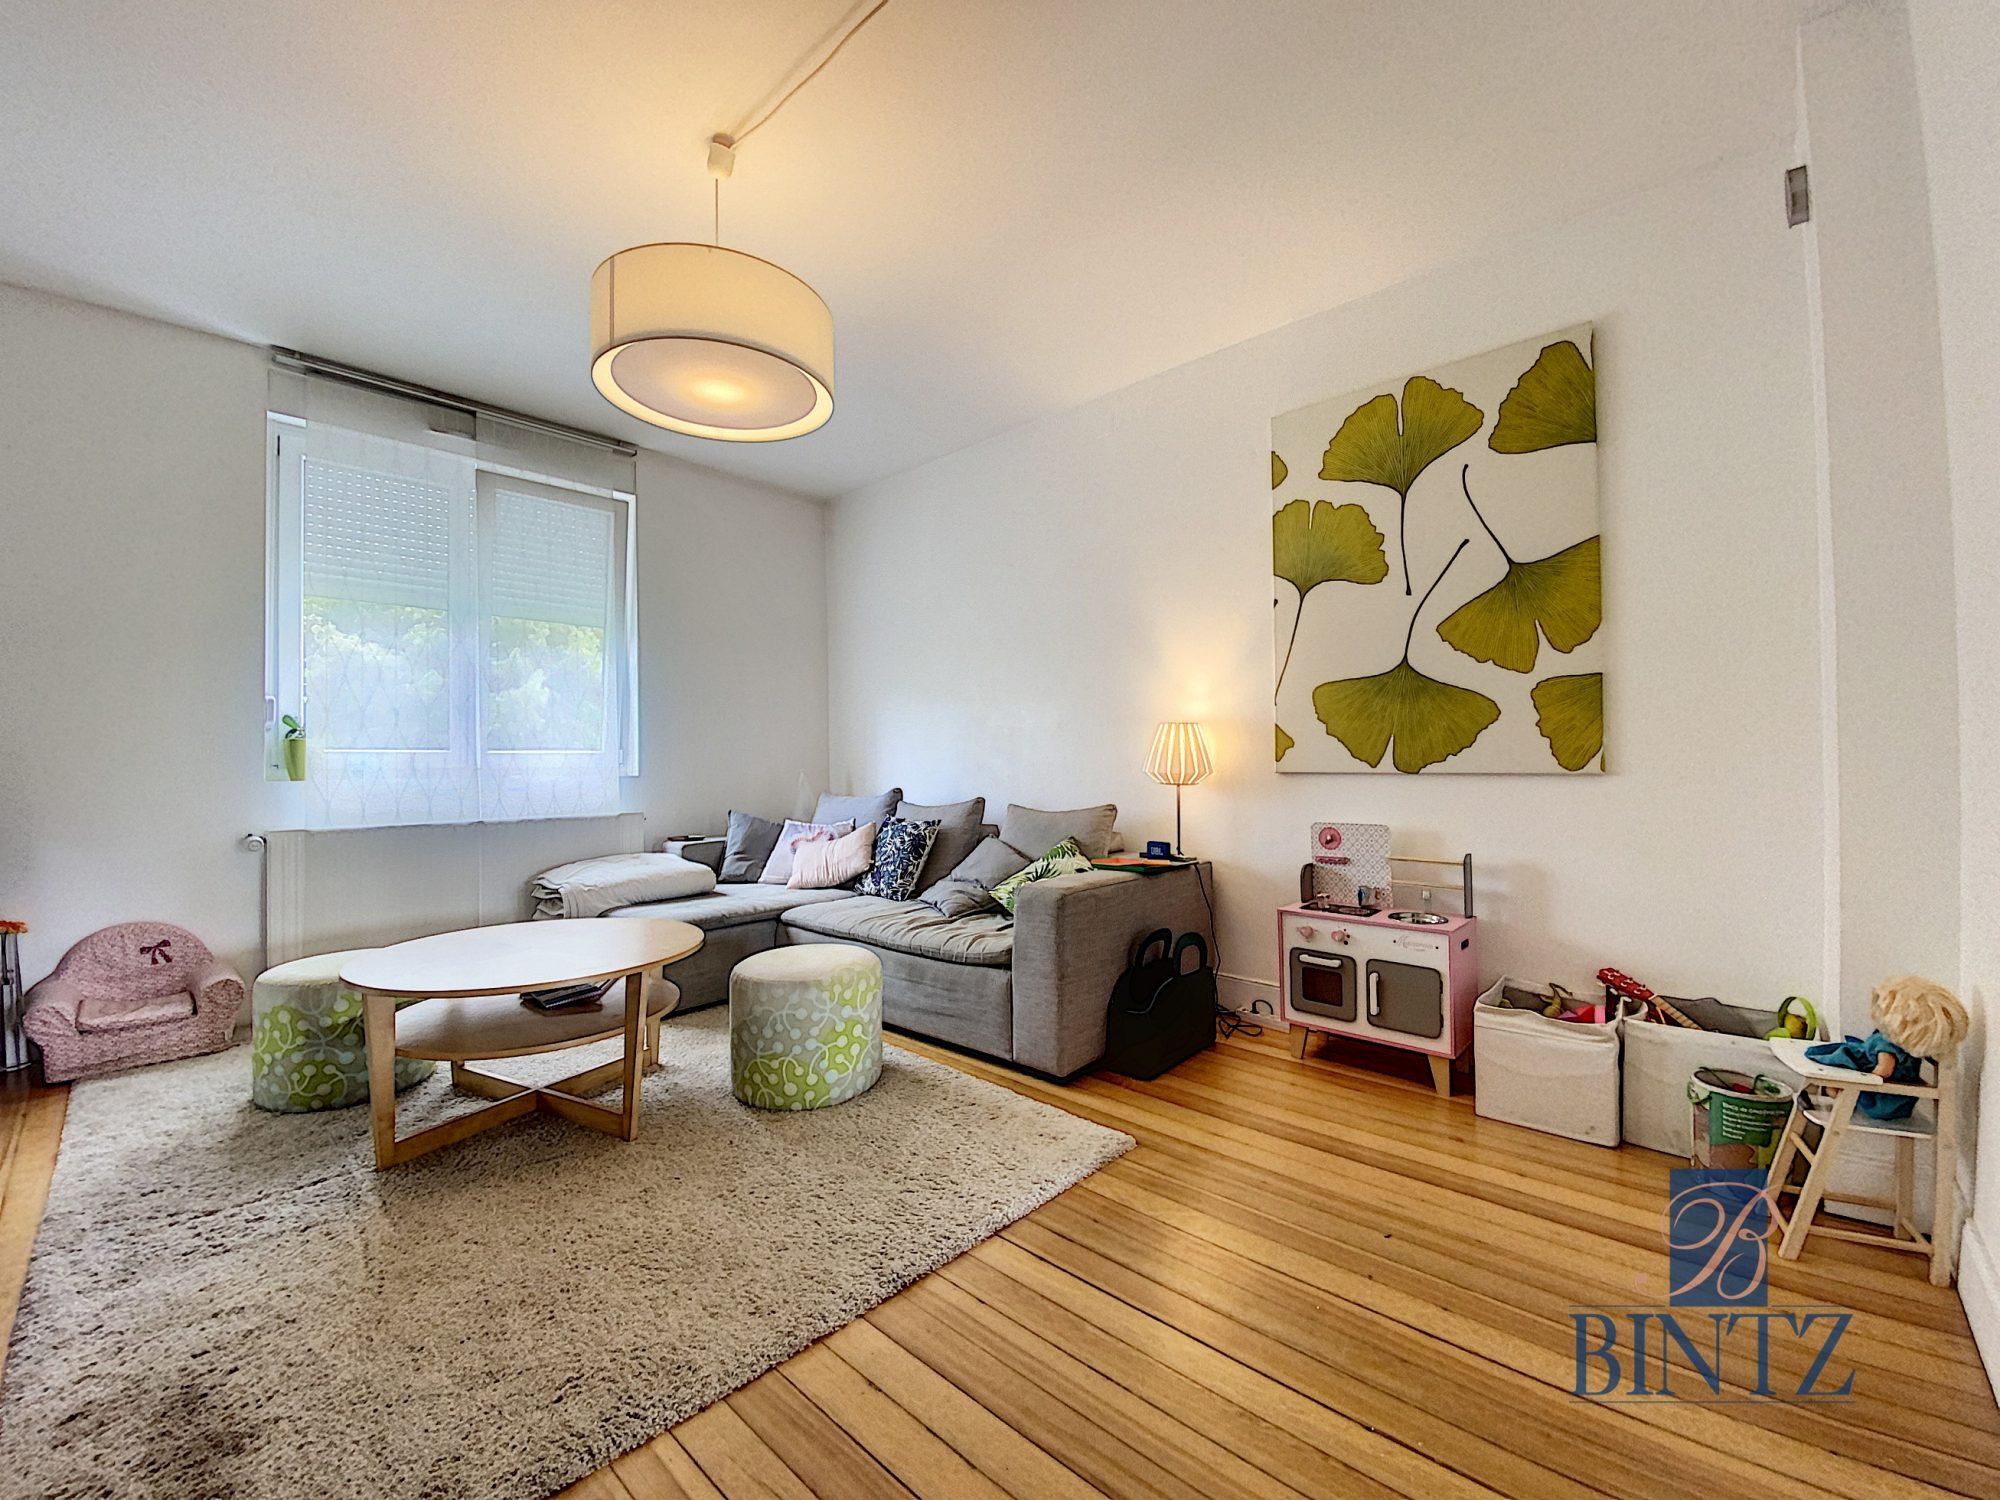 3 pièces avec terrasse à la Robertsau - Devenez propriétaire en toute confiance - Bintz Immobilier - 1